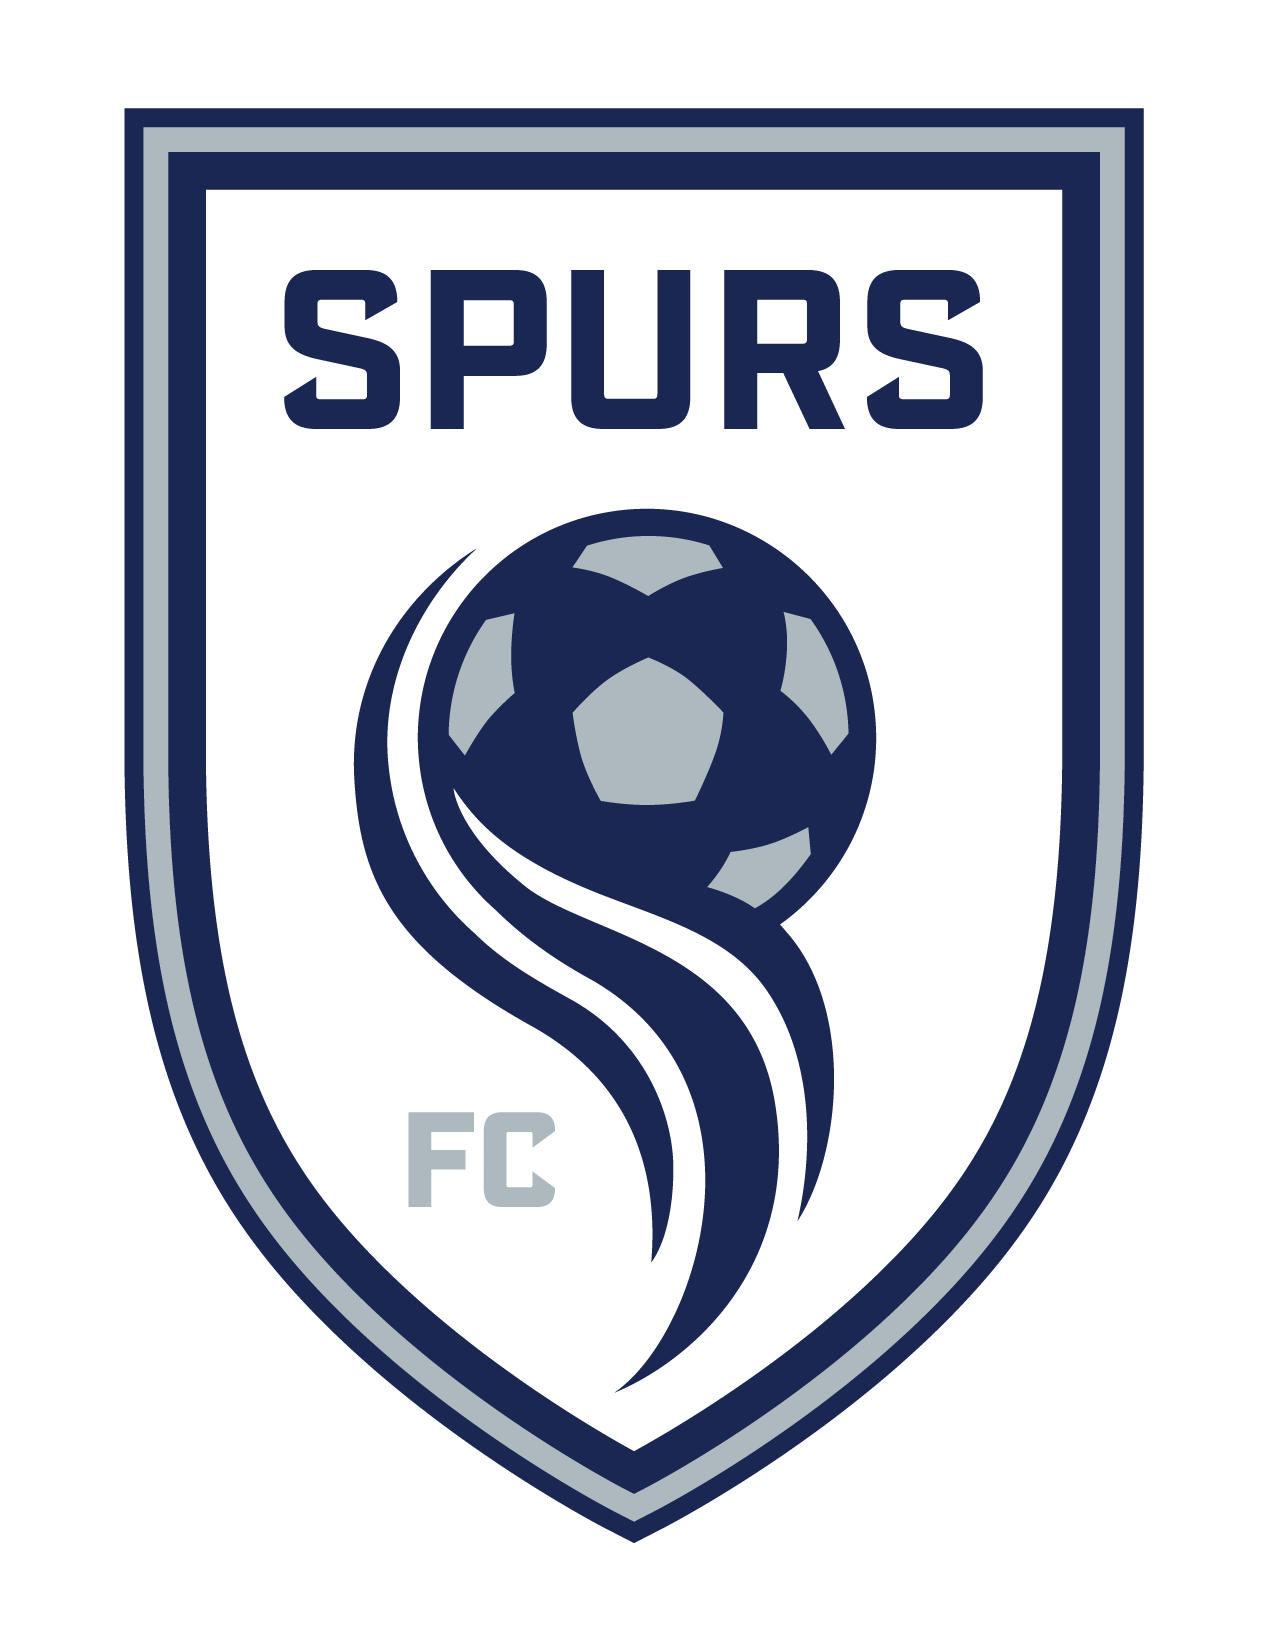 Spurs Fc